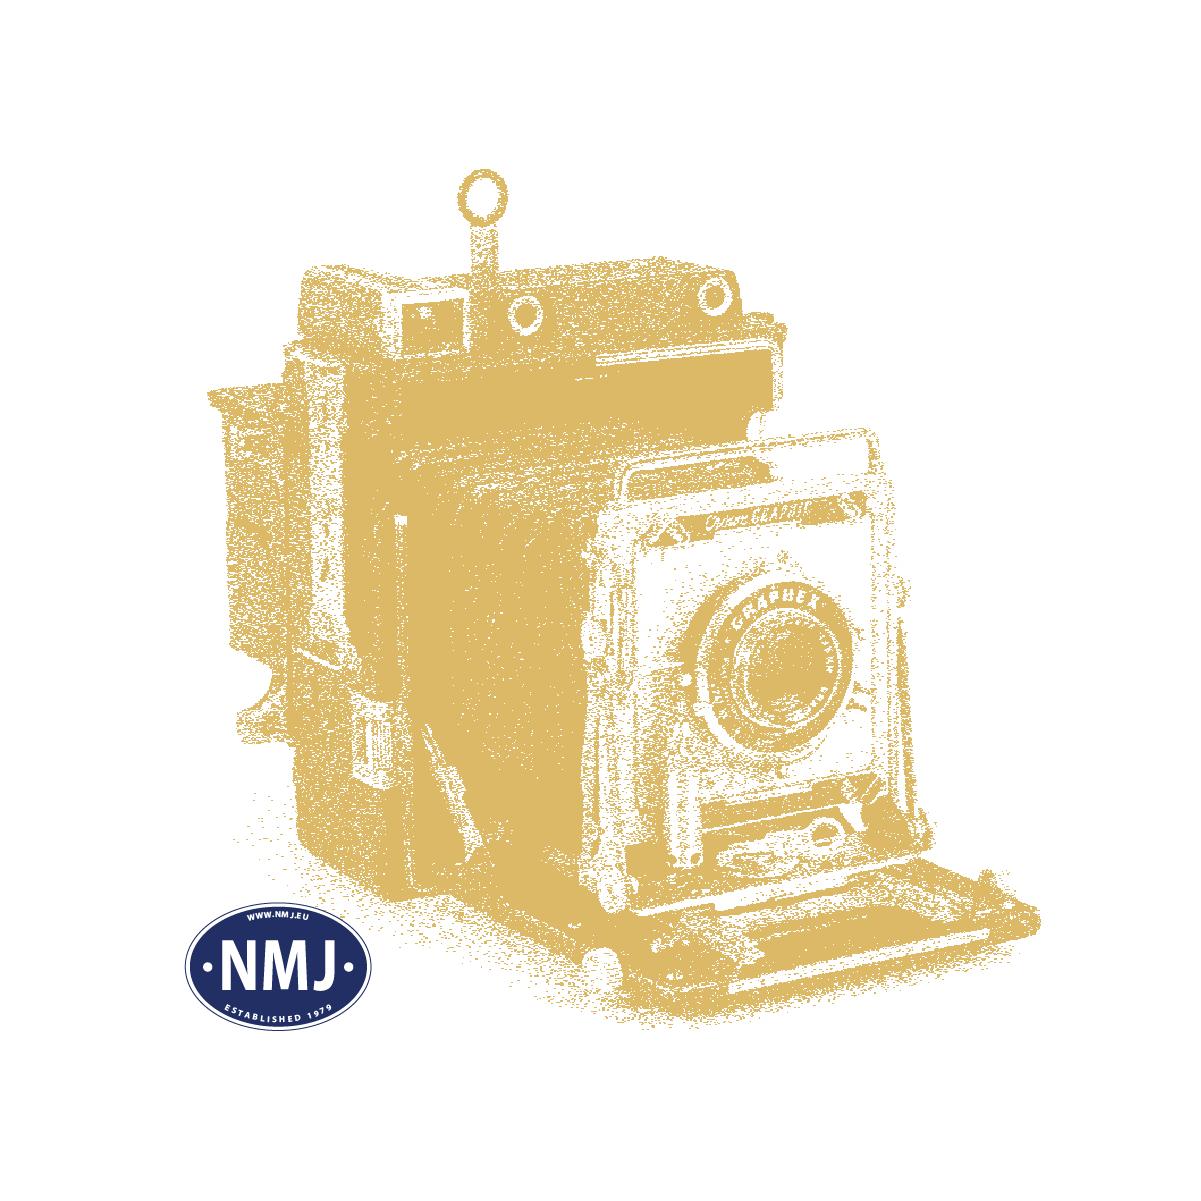 NMJT132.102 - NMJ Topline NSB B4 25955, Gammeldesign